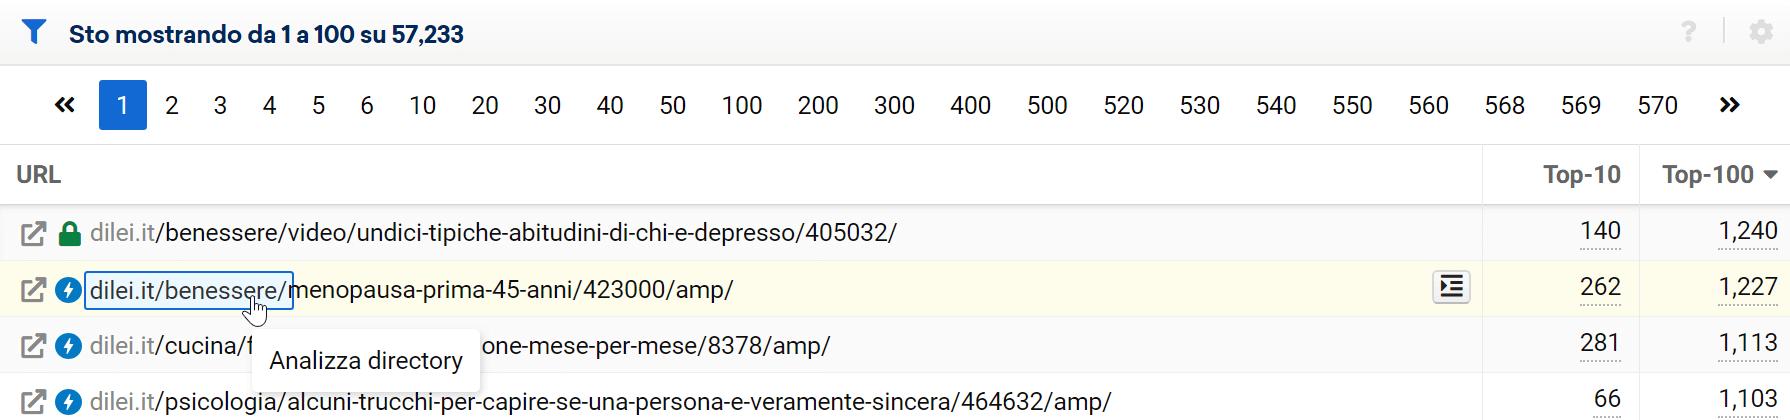 Passando il mouse sopra all'URL potrai selezionare la parte di esso da analizzare